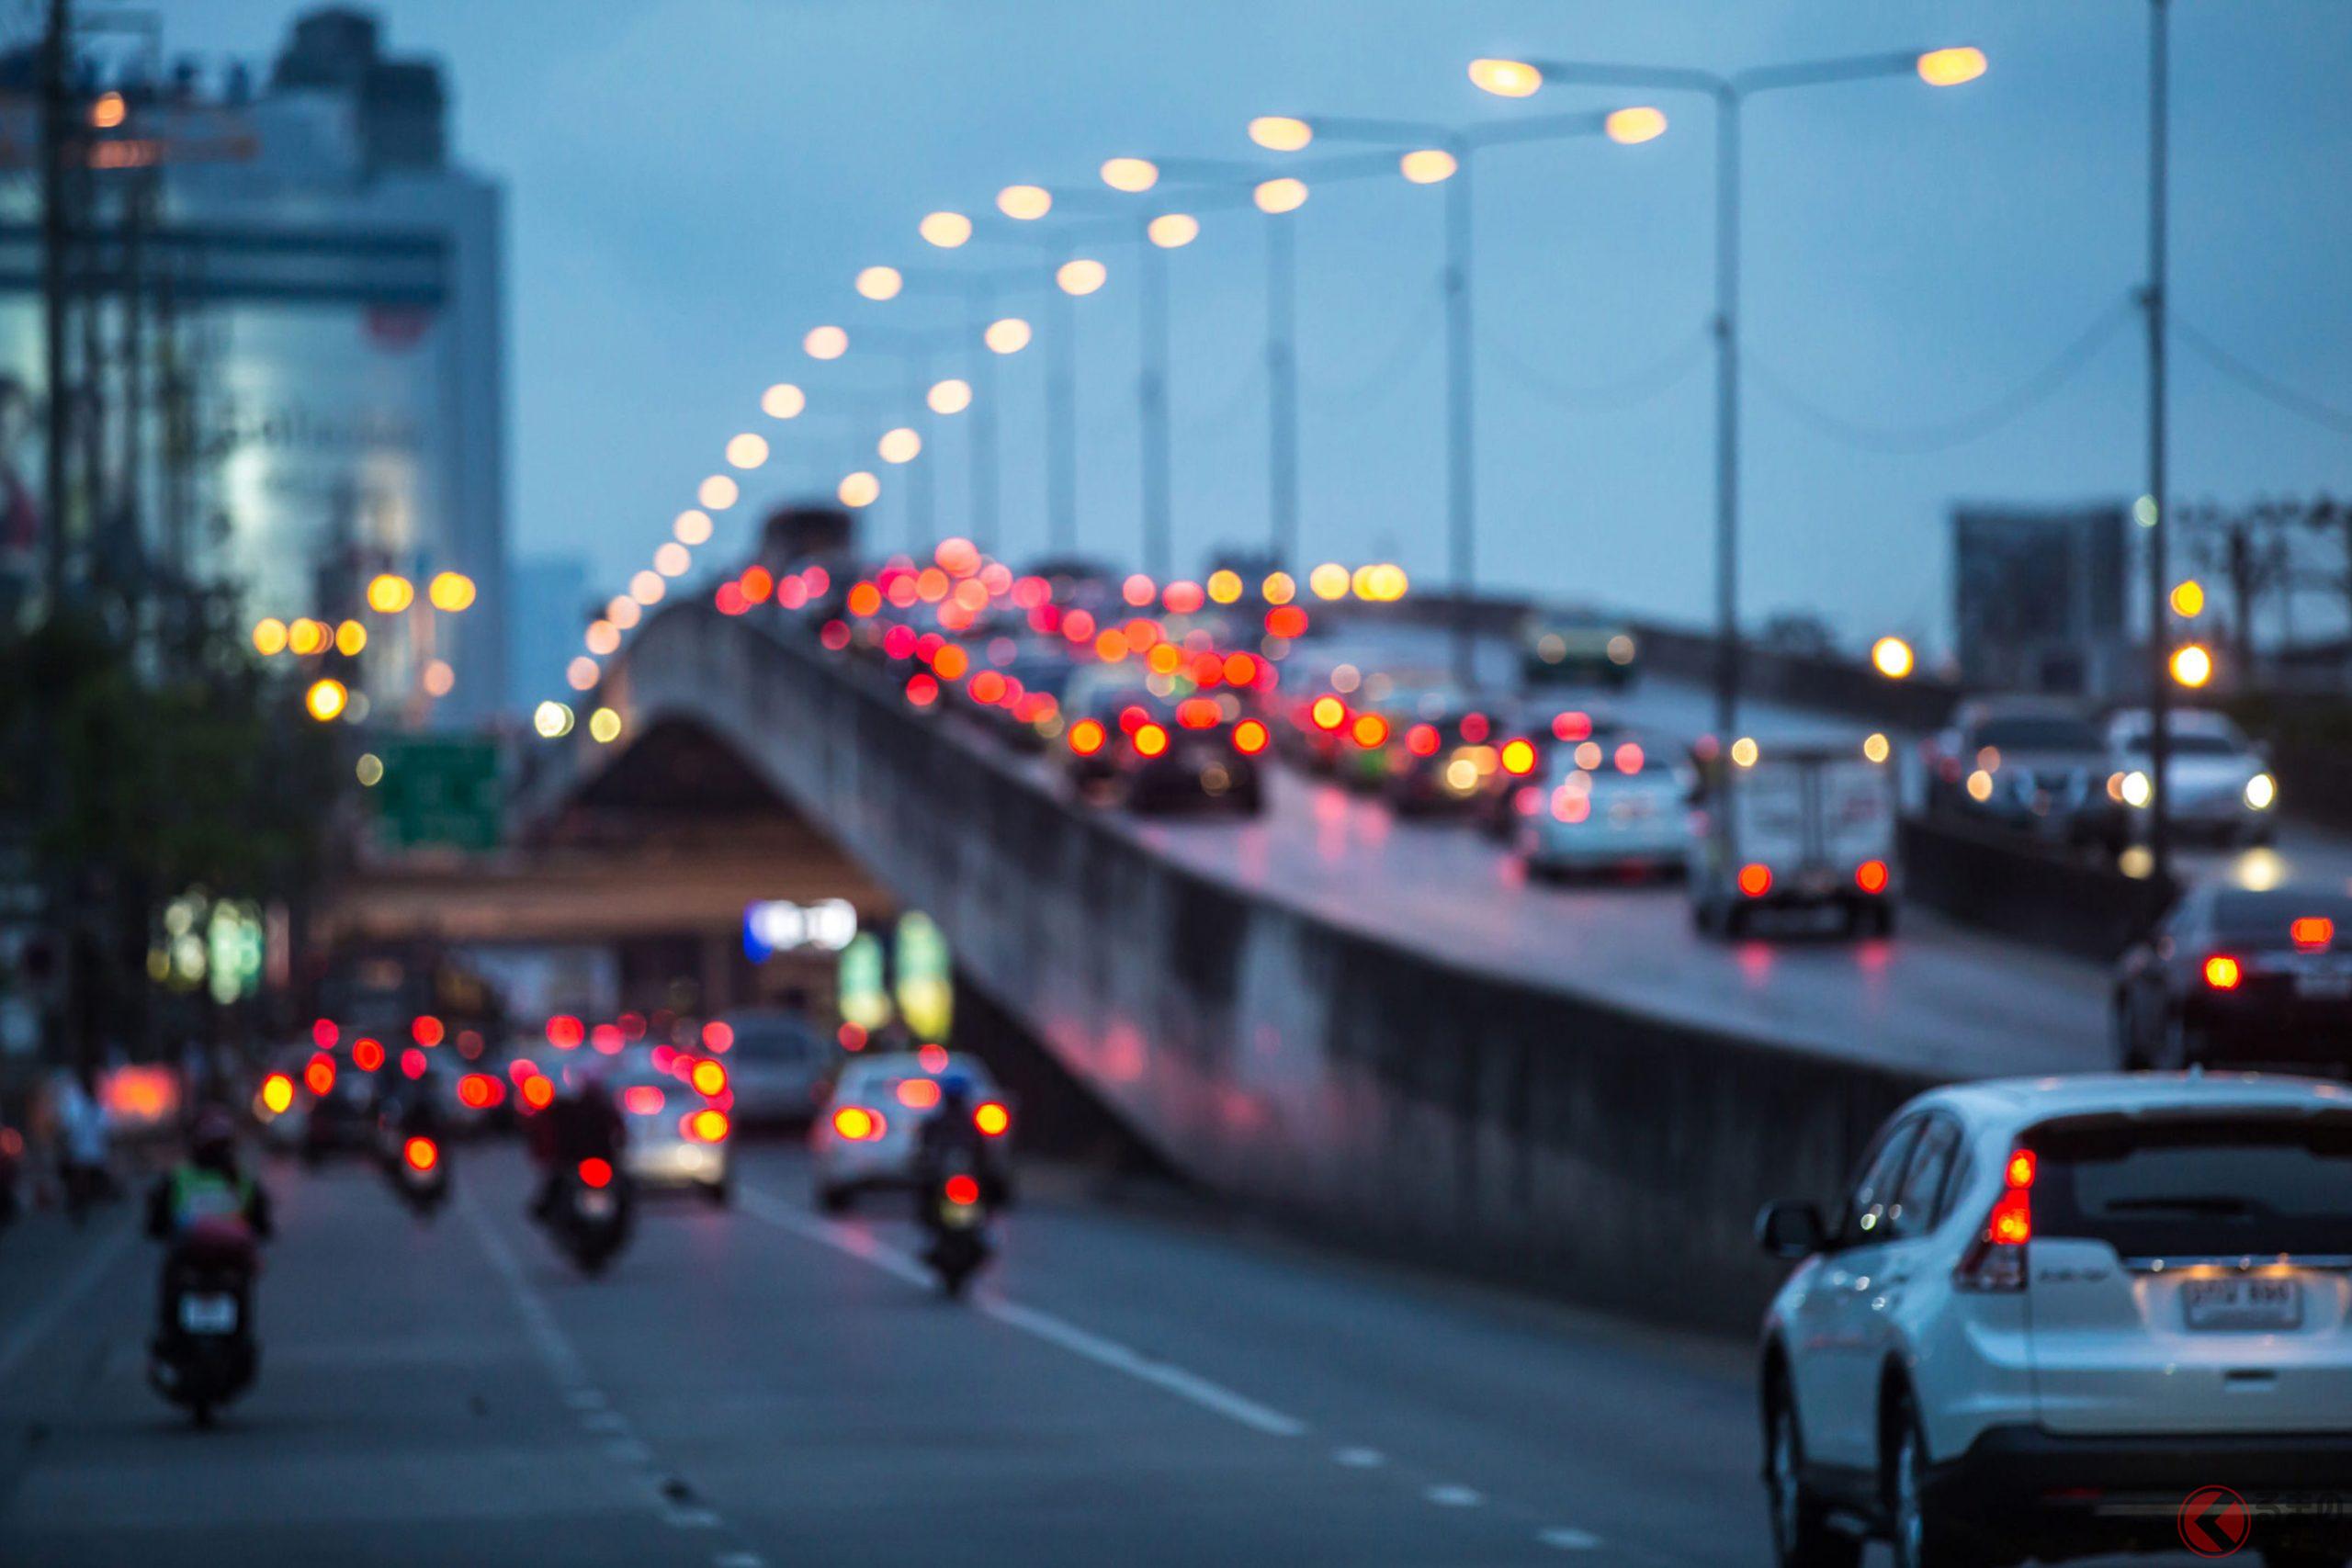 薄暮時などは事故の発生率も高いので早めのライトオンを!